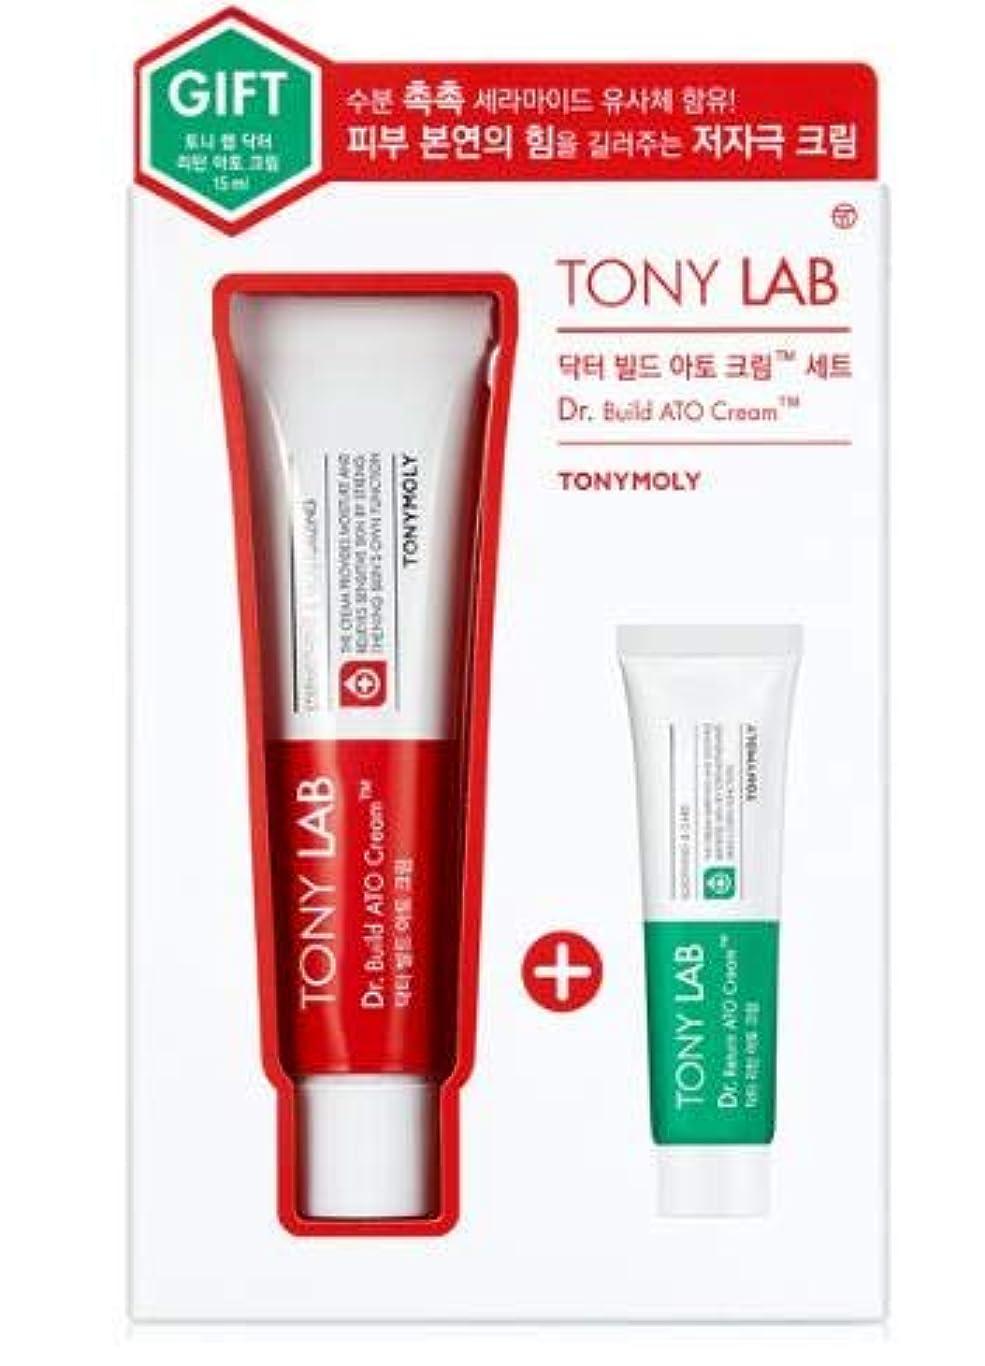 兄ピジン種類TONY MOLY Tony Lab Dr. Build ATO Cream トニーモリー トニーラボ ドクター ビルド アト クリーム [並行輸入品]